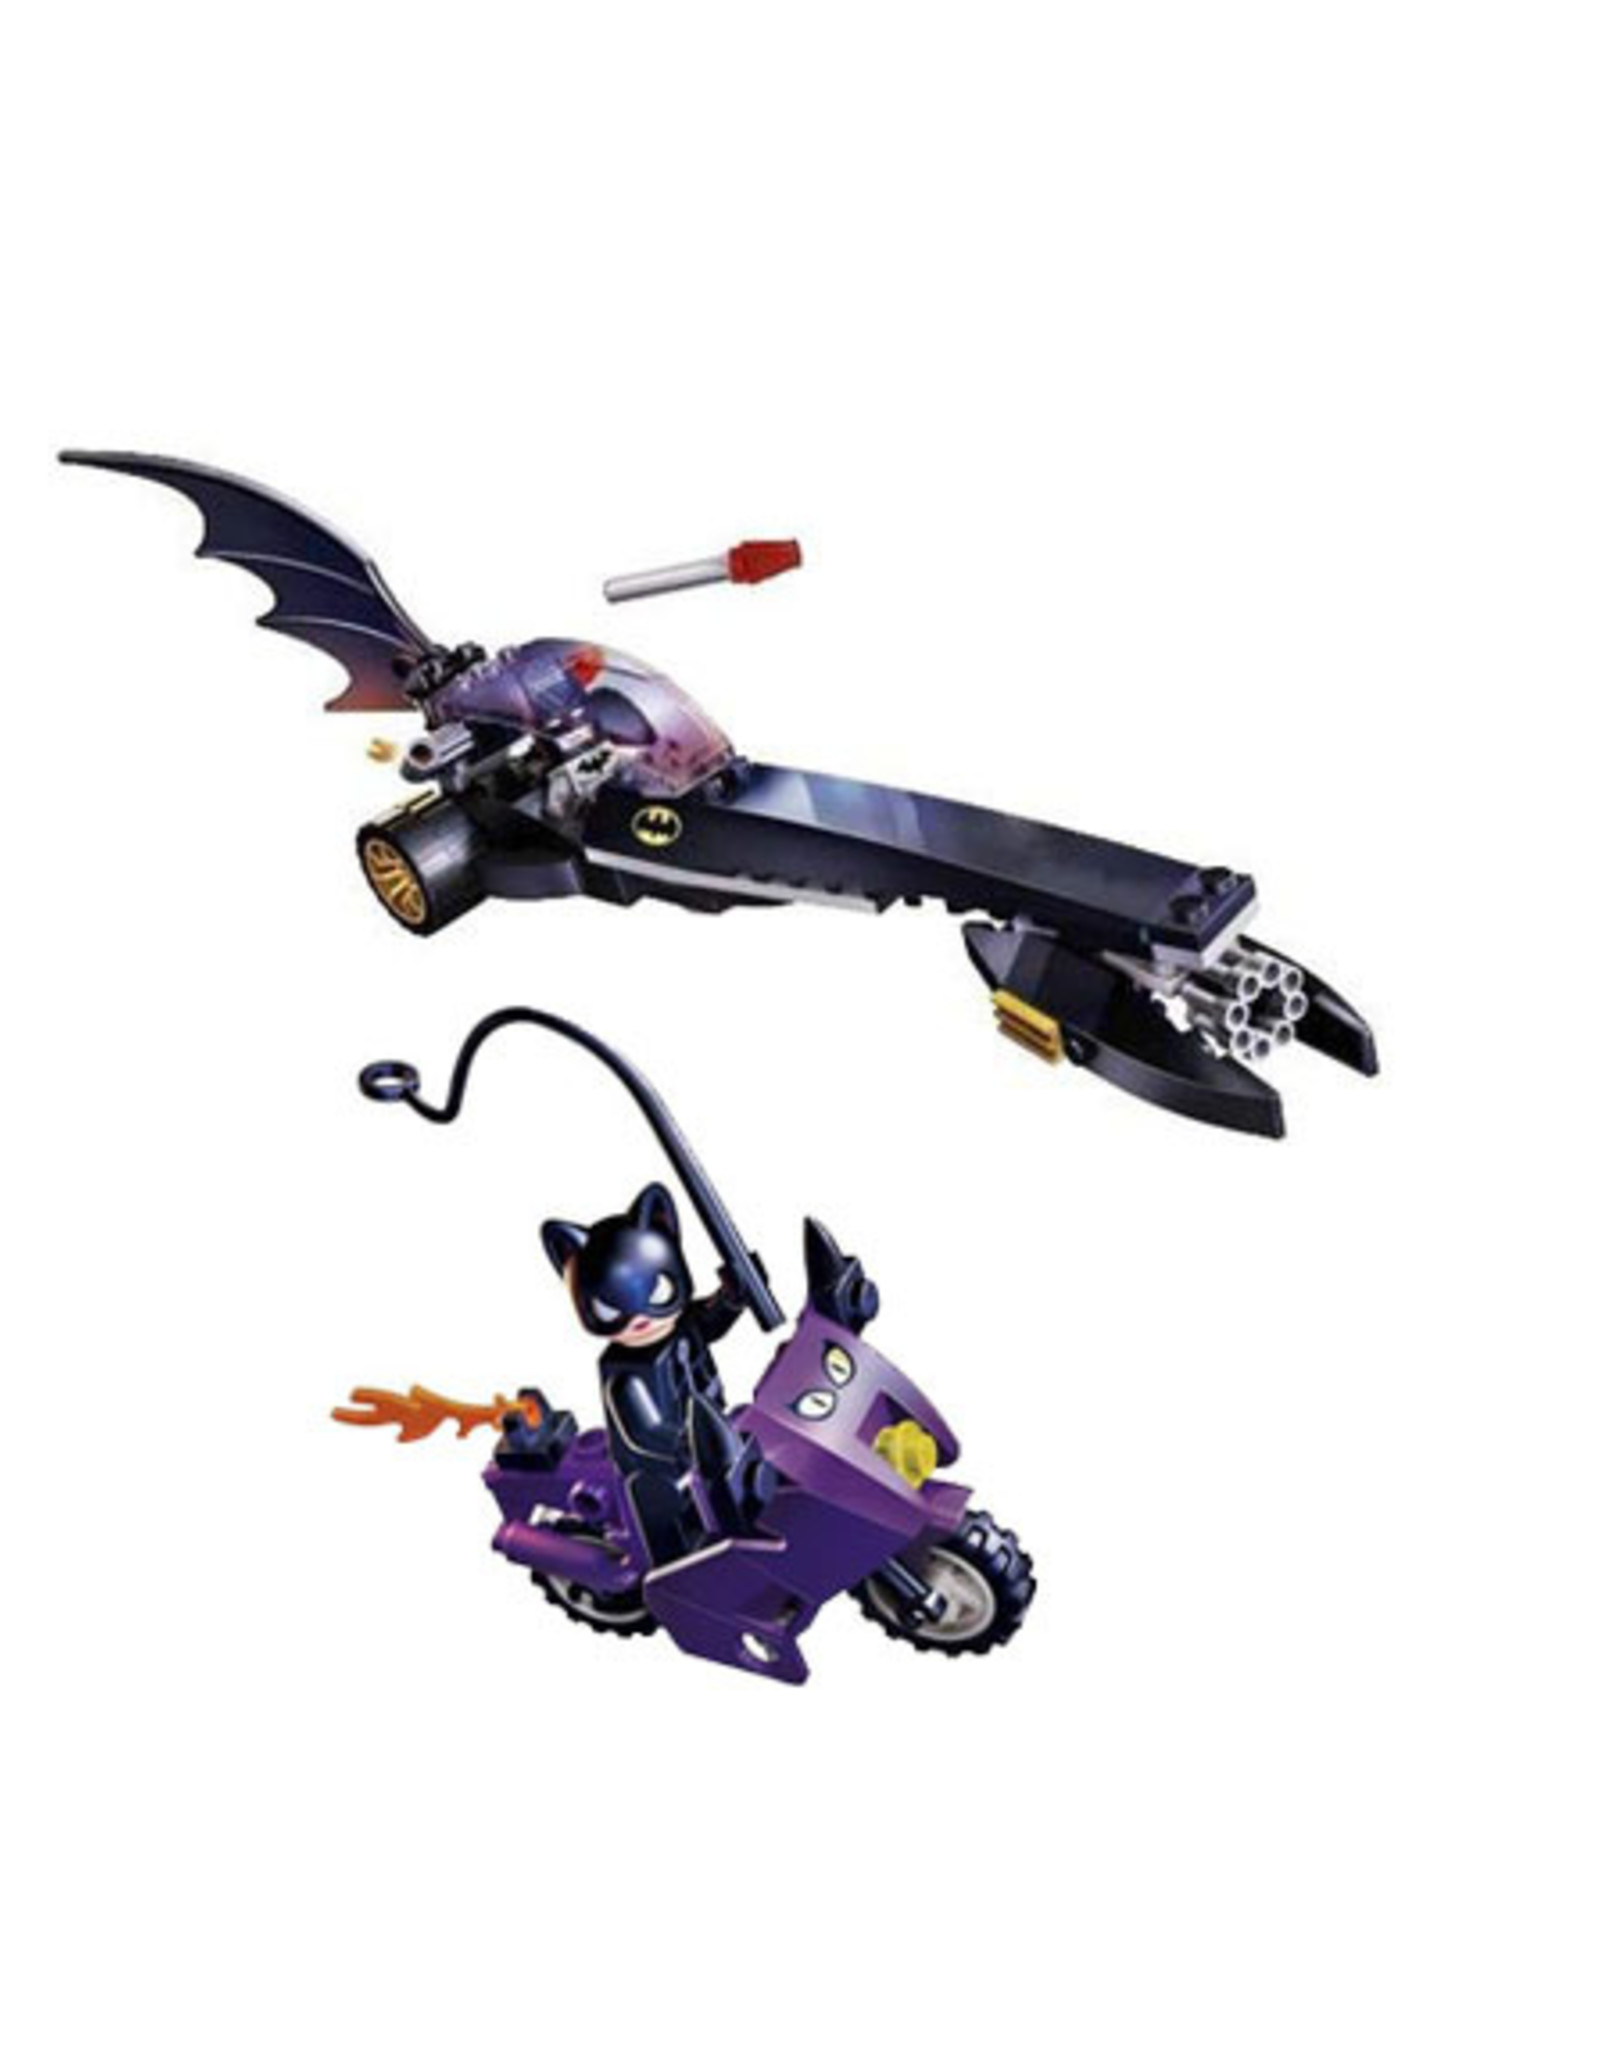 LEGO LEGO 7779 The Batman Dragster: Catwoman Pursuit BATMAN